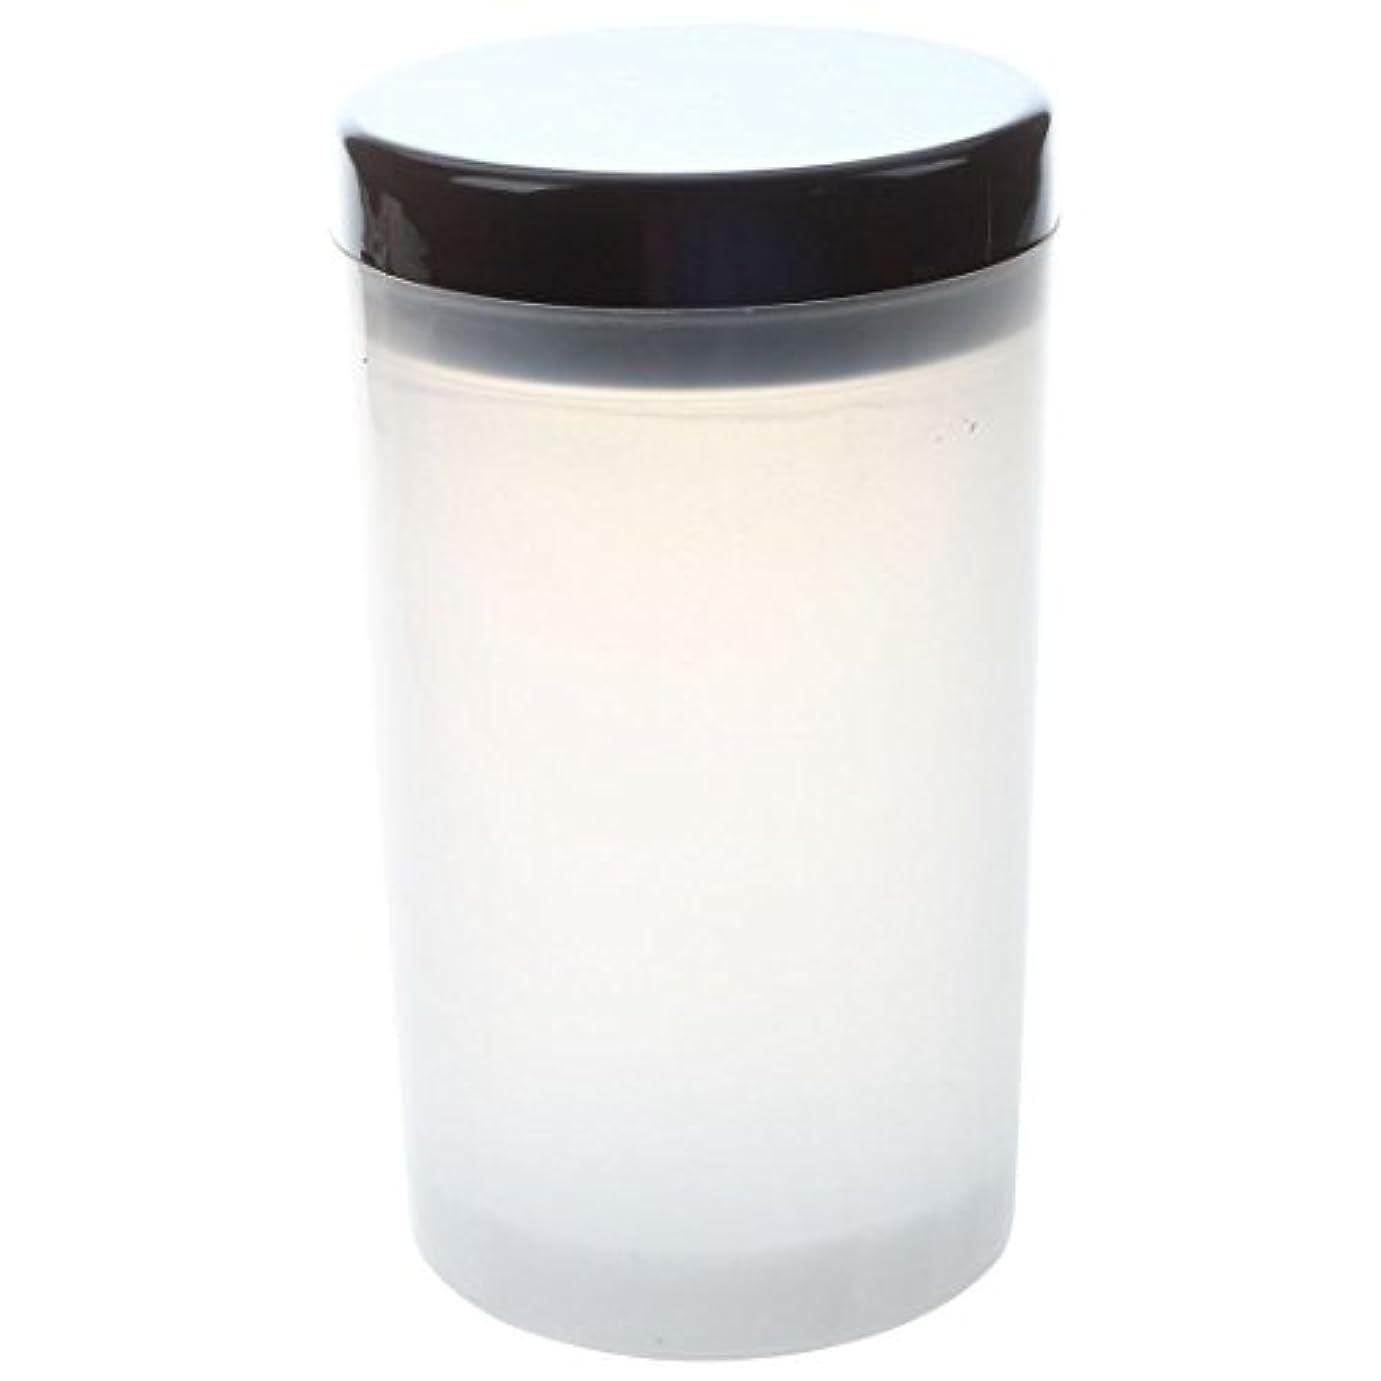 家庭教師ウィンクセメントXigeapg ネイルアートチップブラシホルダー リムーバーカップカップ浸漬ブラシ クリーナーボトル